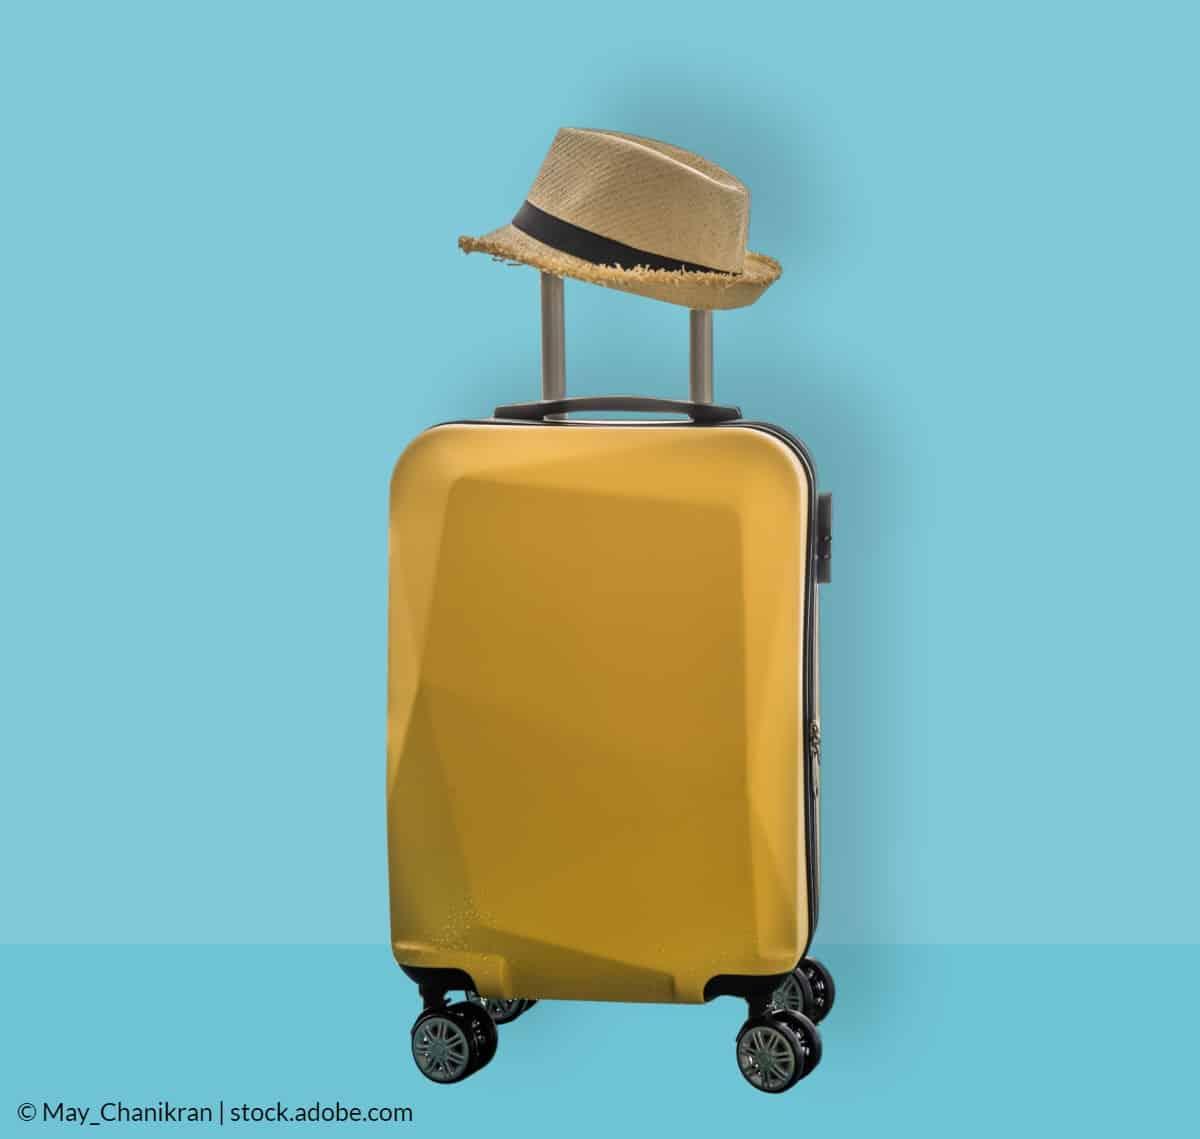 Jak opravit kufr na kolečkách